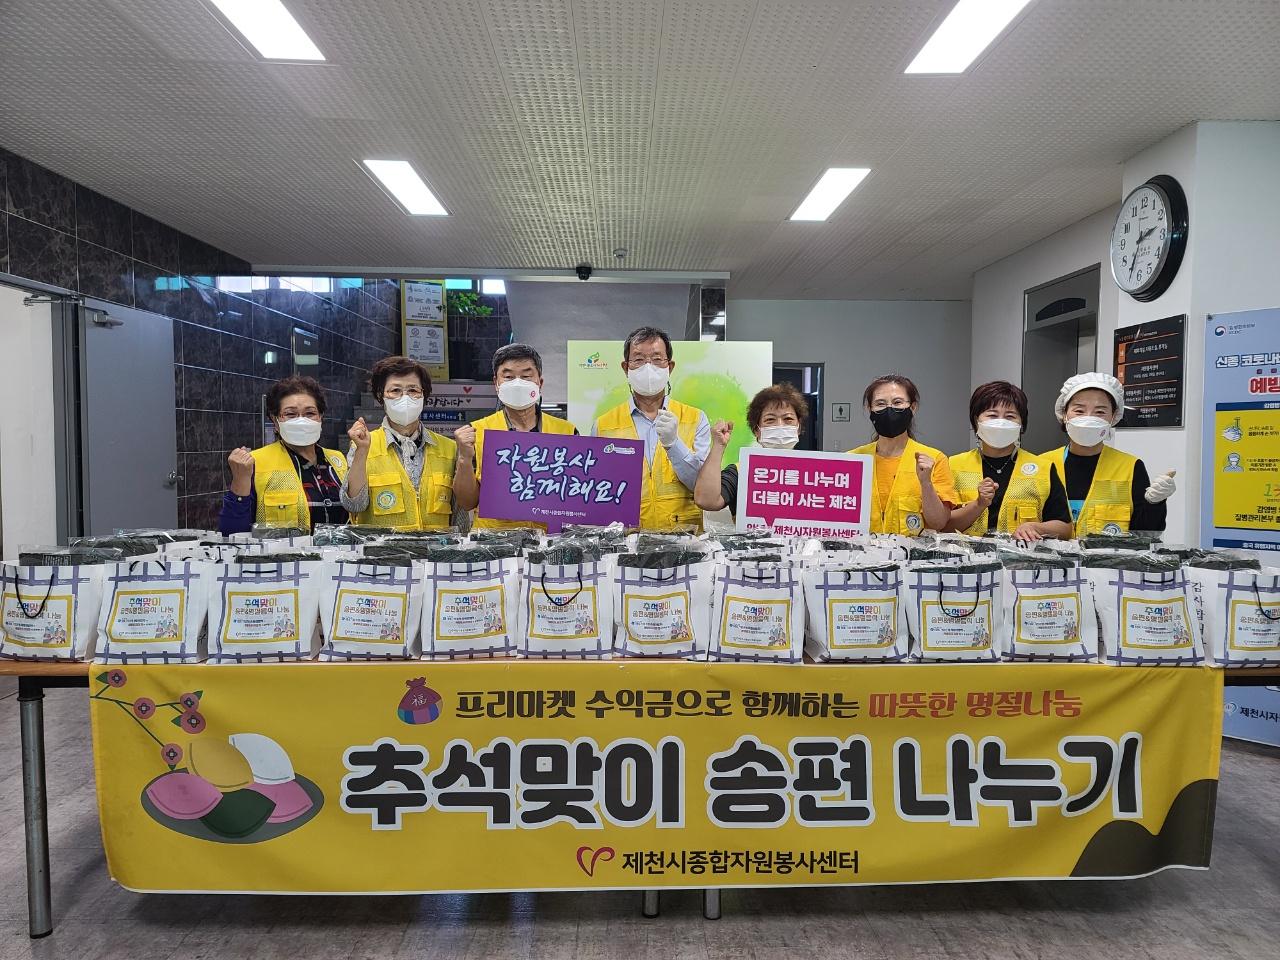 제천시자원봉사센터, 추석맞이 명절음식 나눔 행사… 250가구에 온정 전달